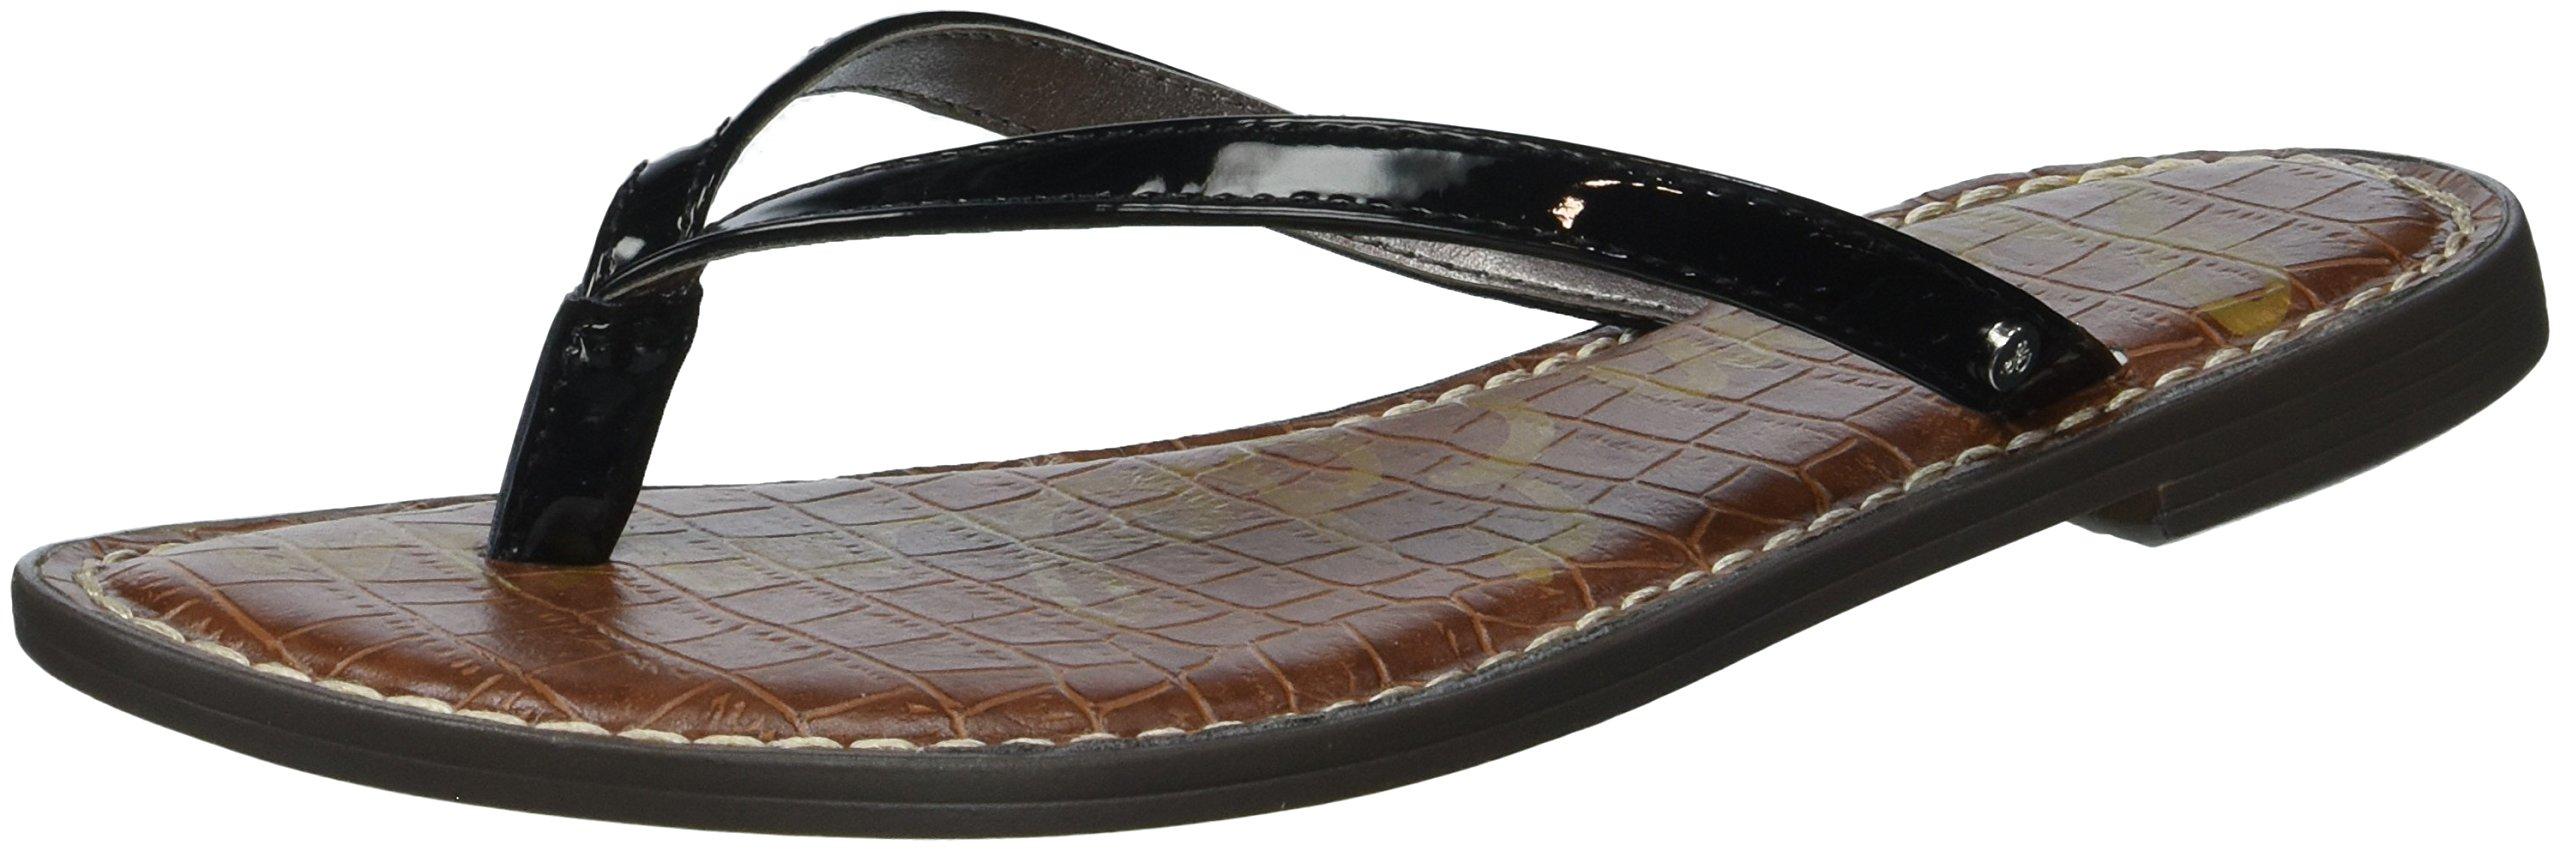 Sam Edelman Women's Gracie Flip-Flop, Black Patent, 8 M US